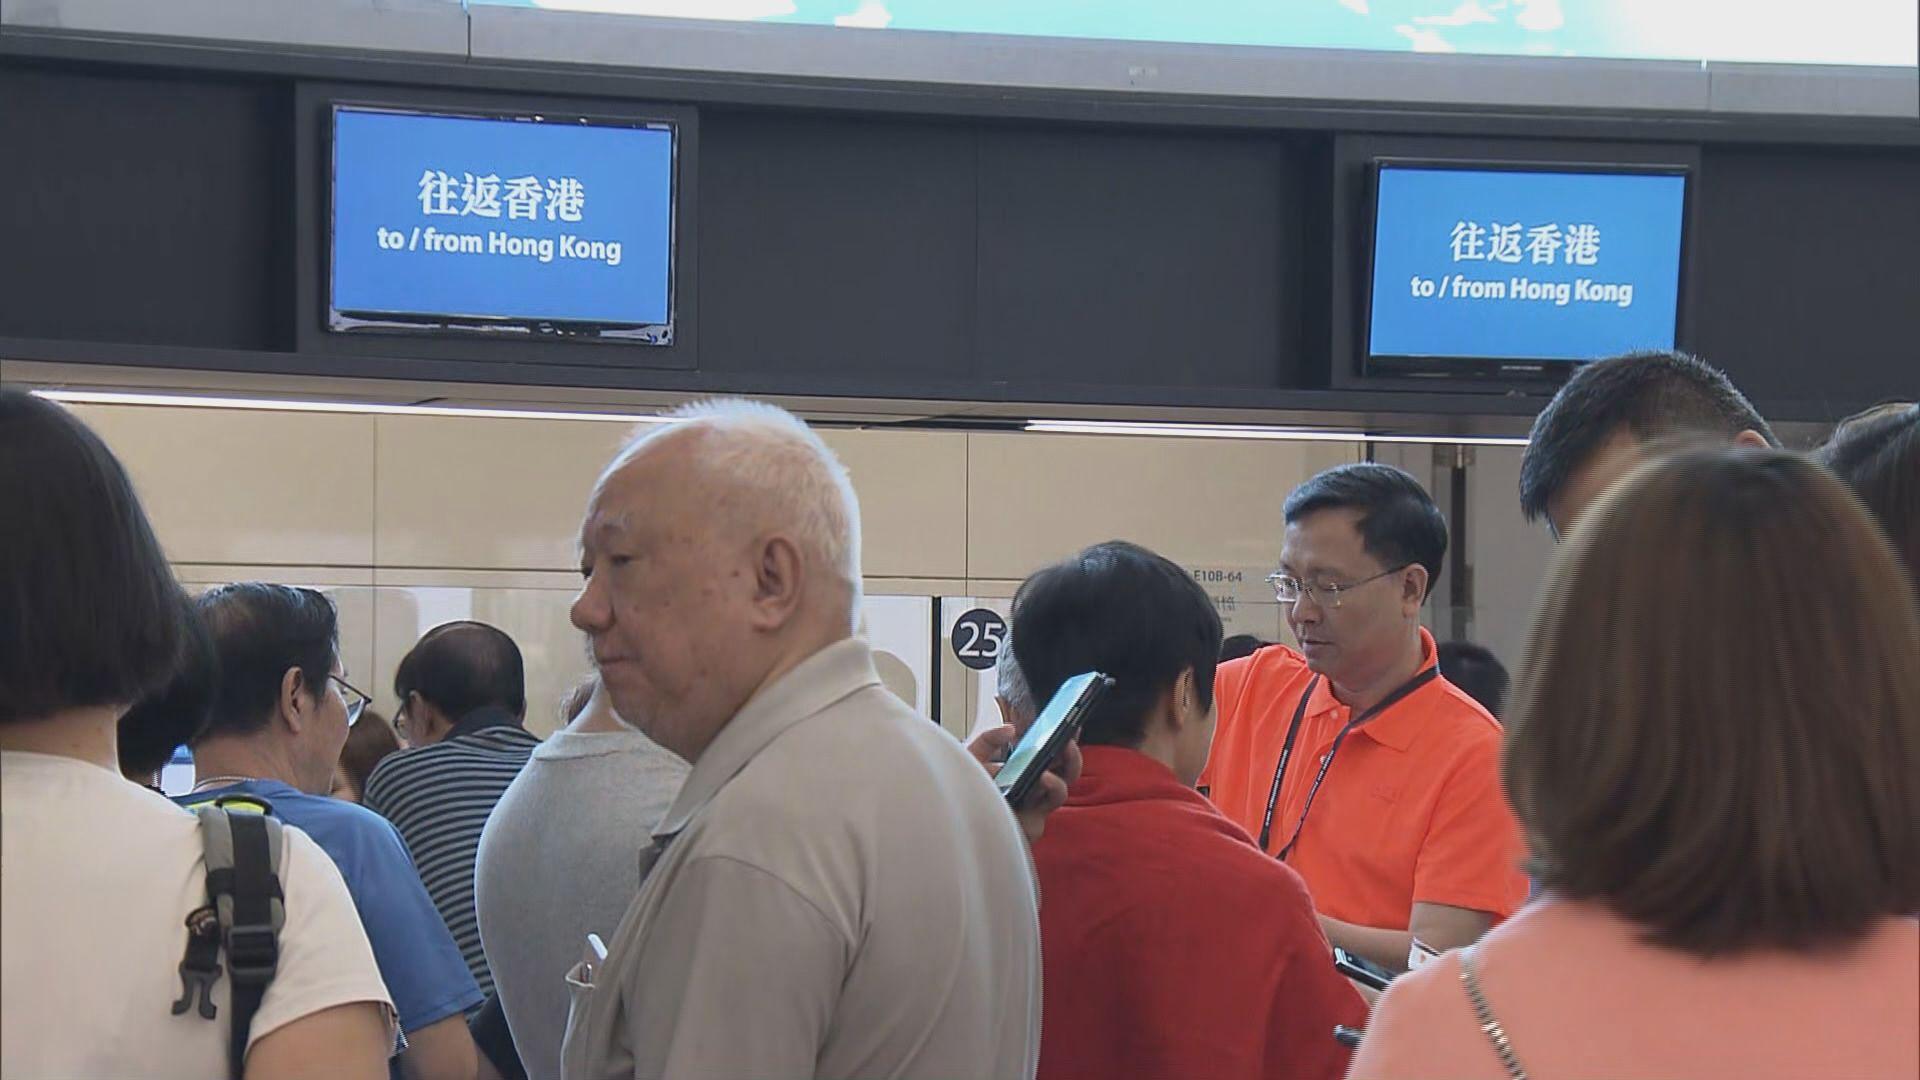 西九龍站內地段取票櫃位續現人龍